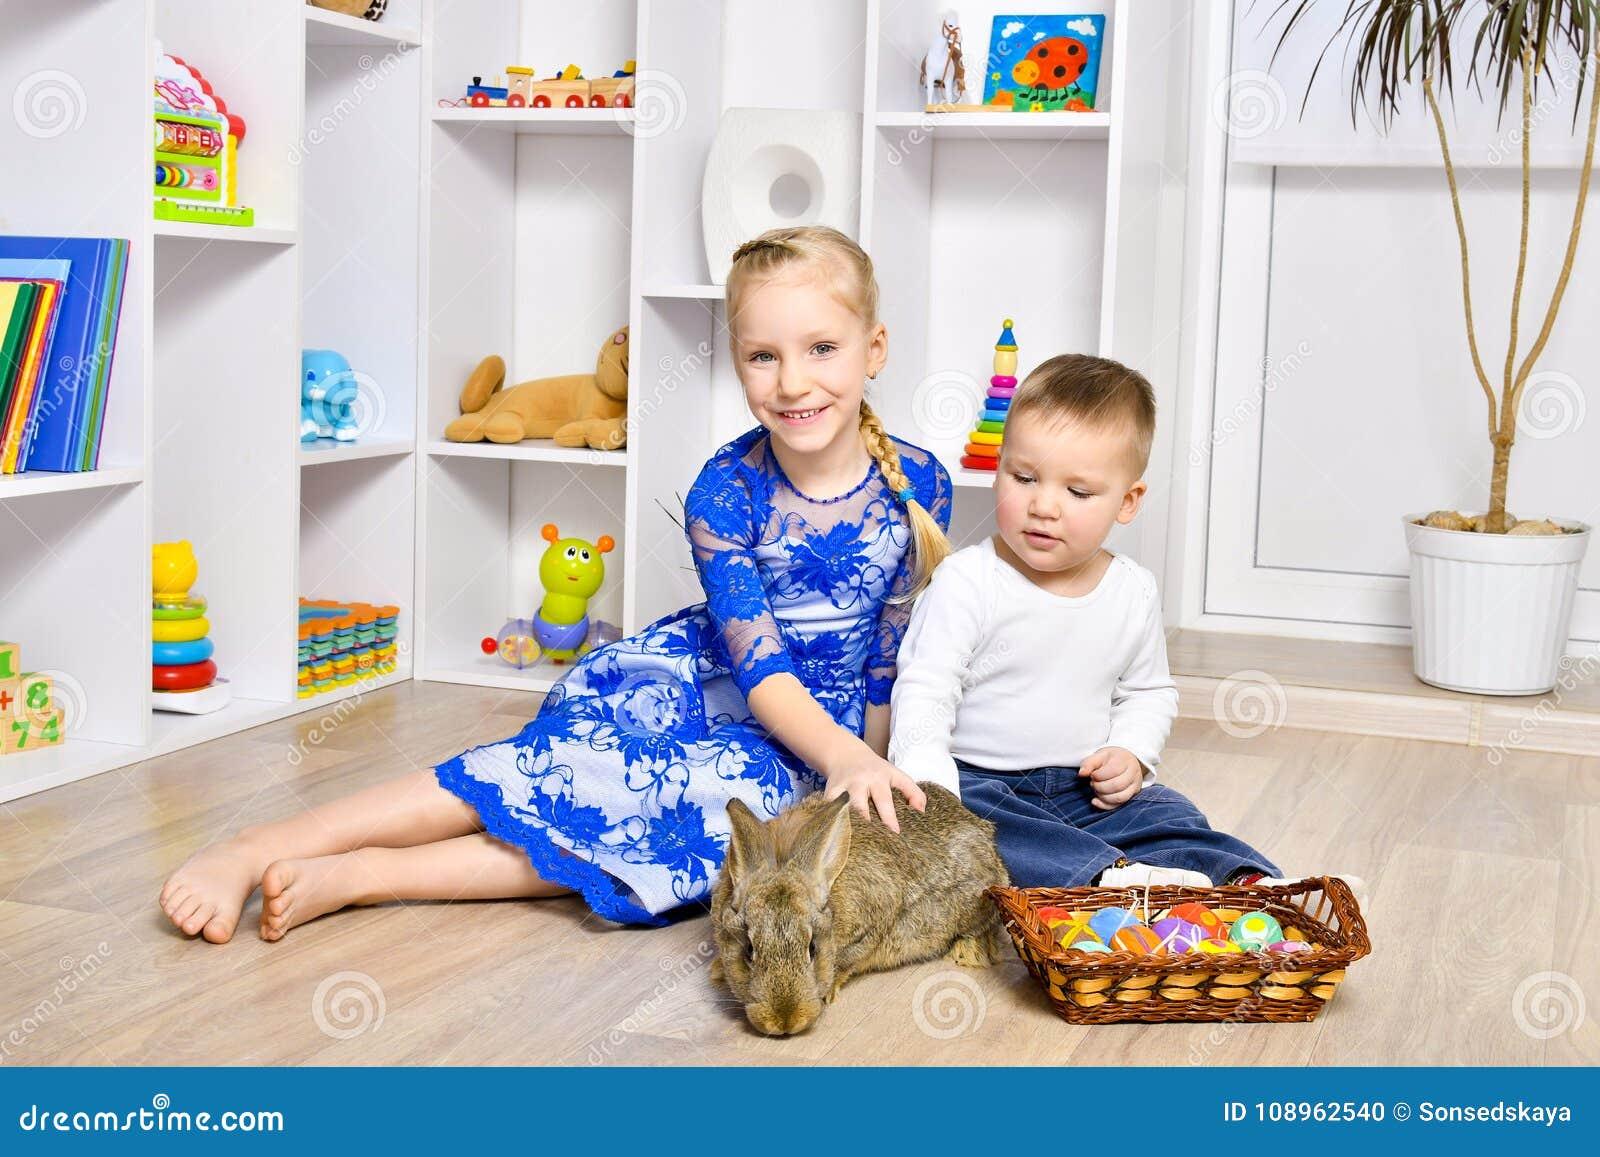 Χαριτωμένα παιδιά που παίζουν με ένα κουνέλι για Πάσχα